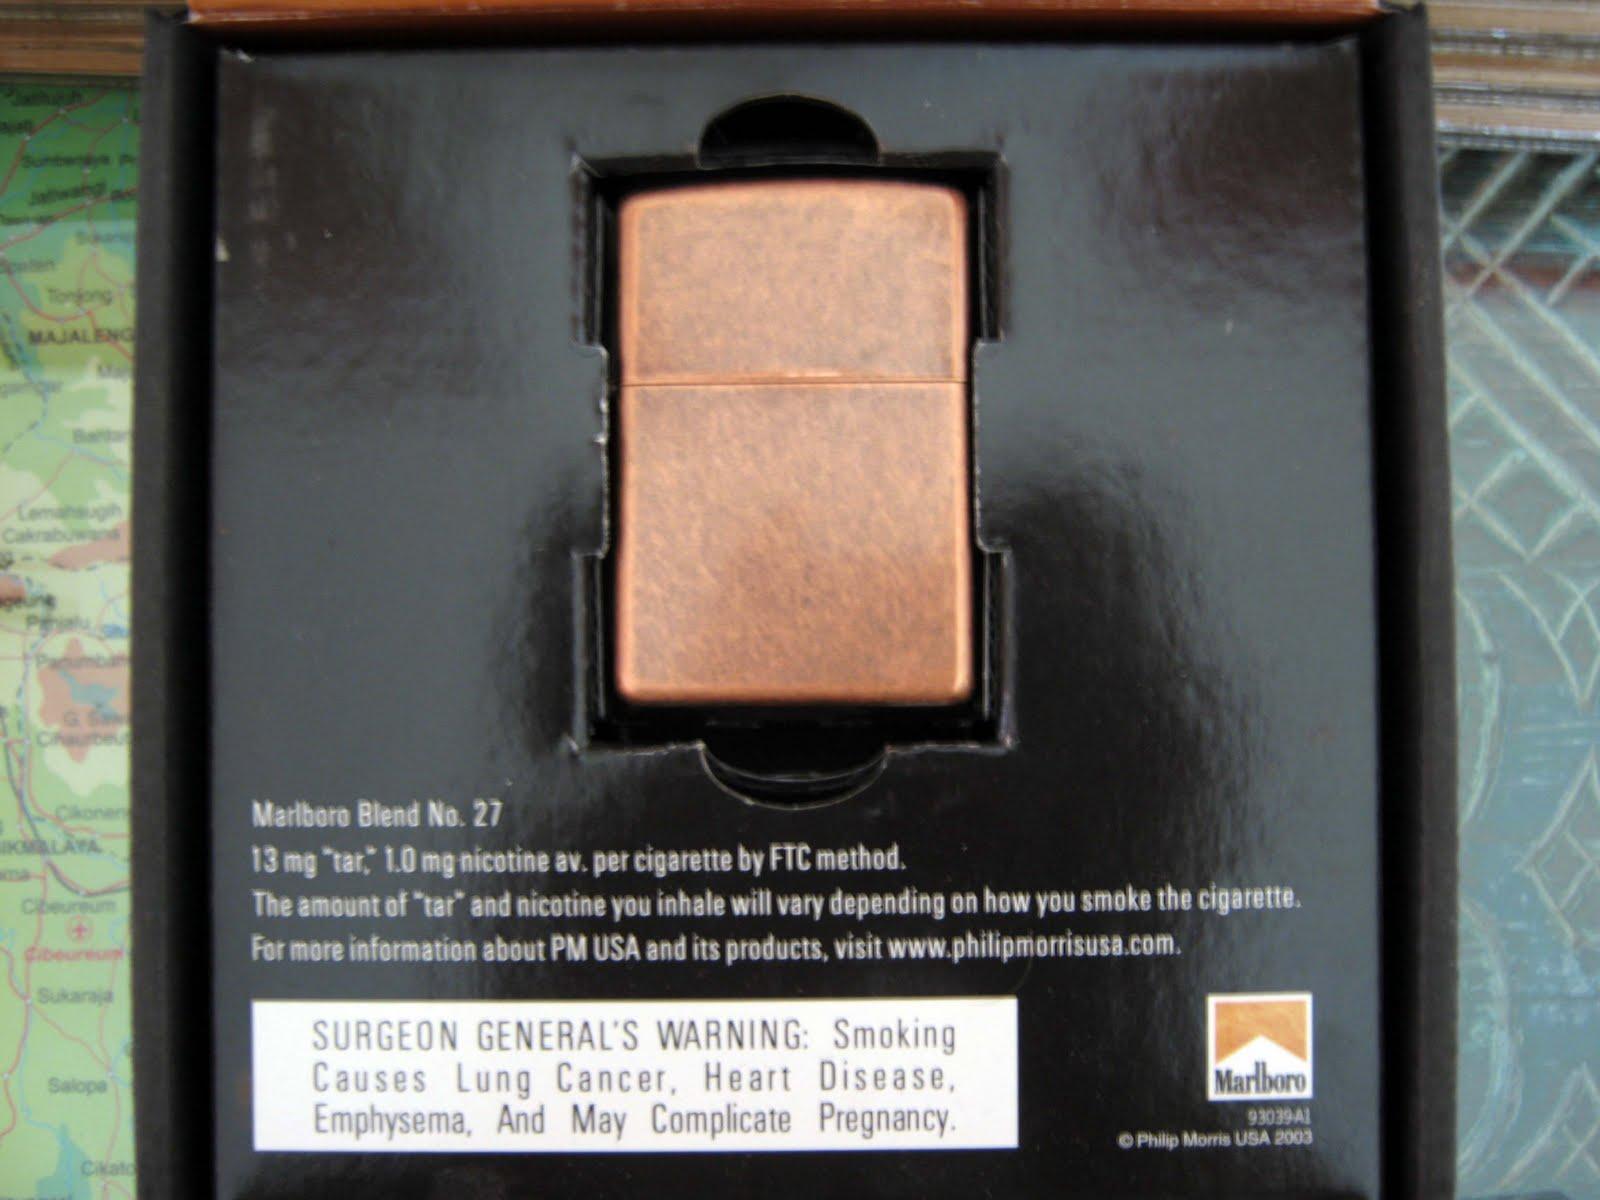 Cigarettes Marlboro shipped to Massachusetts